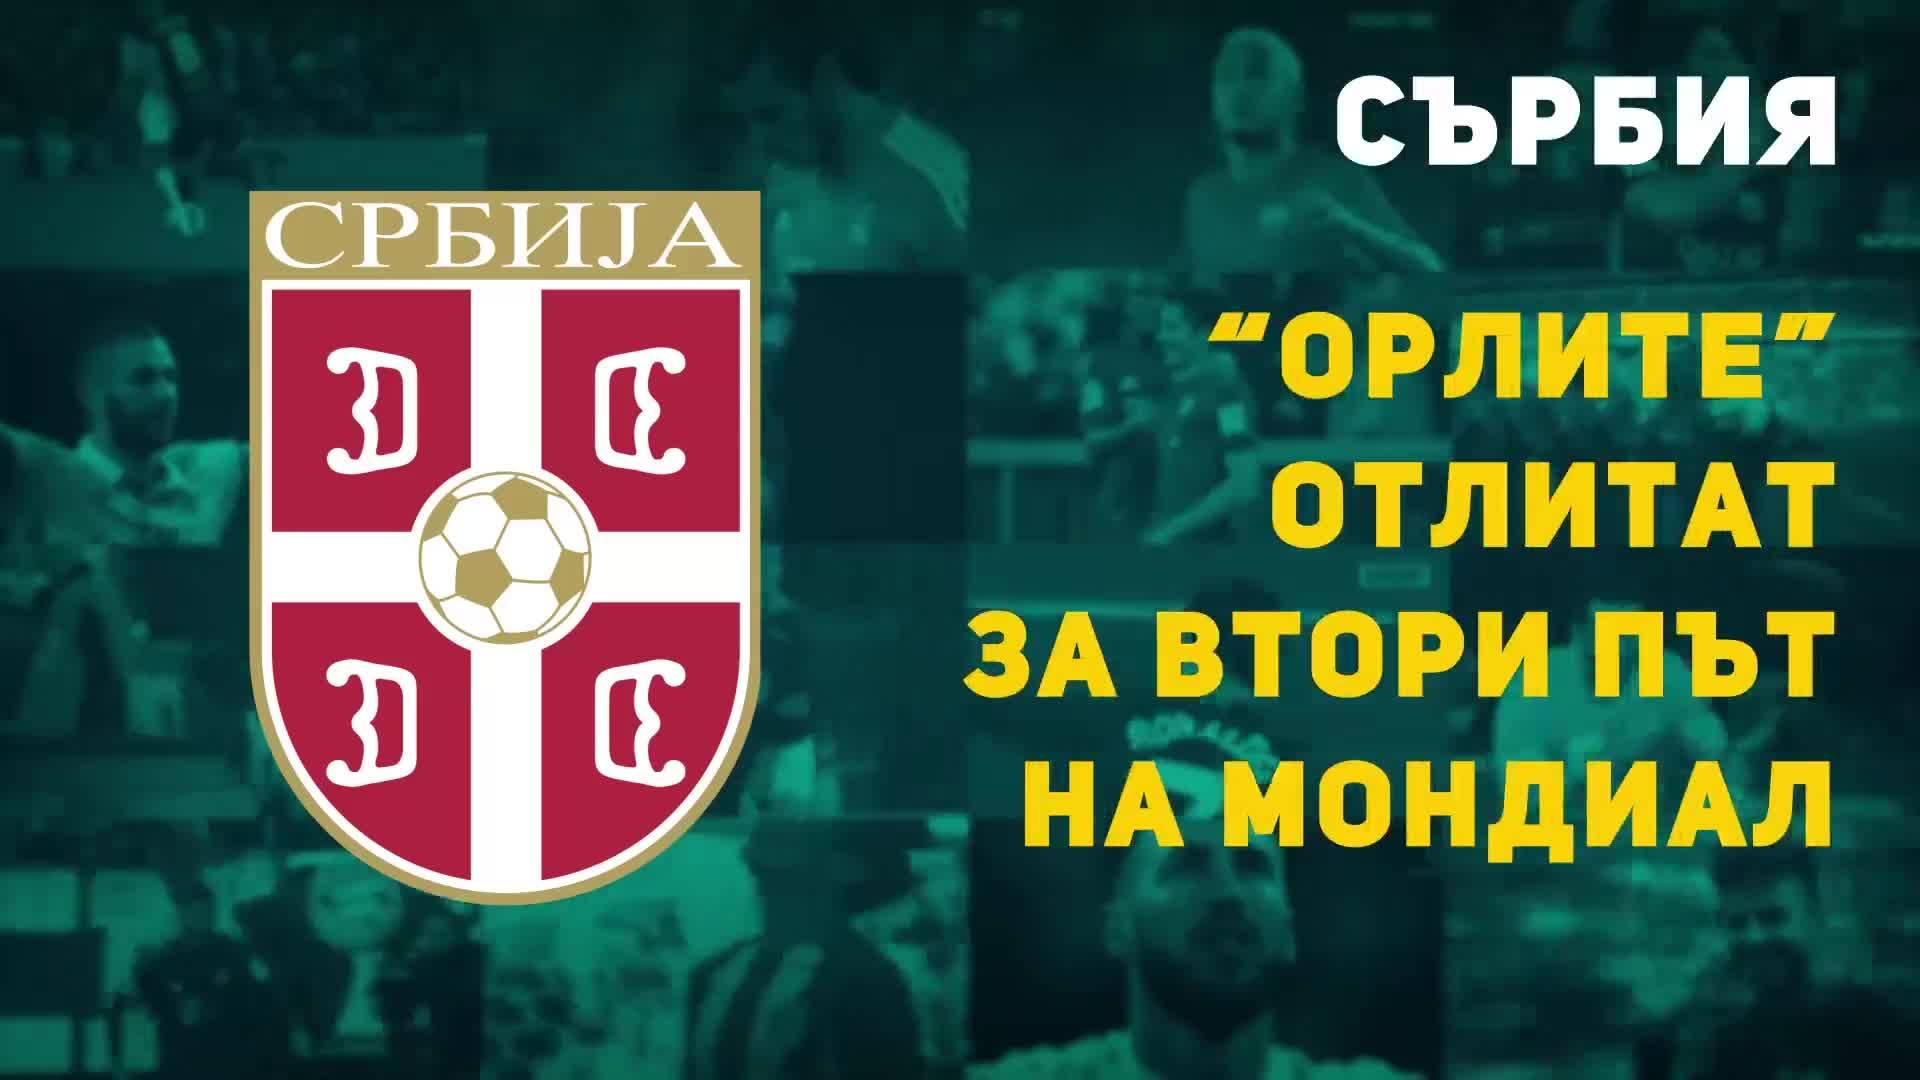 """Сърбия - """"орлите"""" отлитат за втори път на Мондиал"""